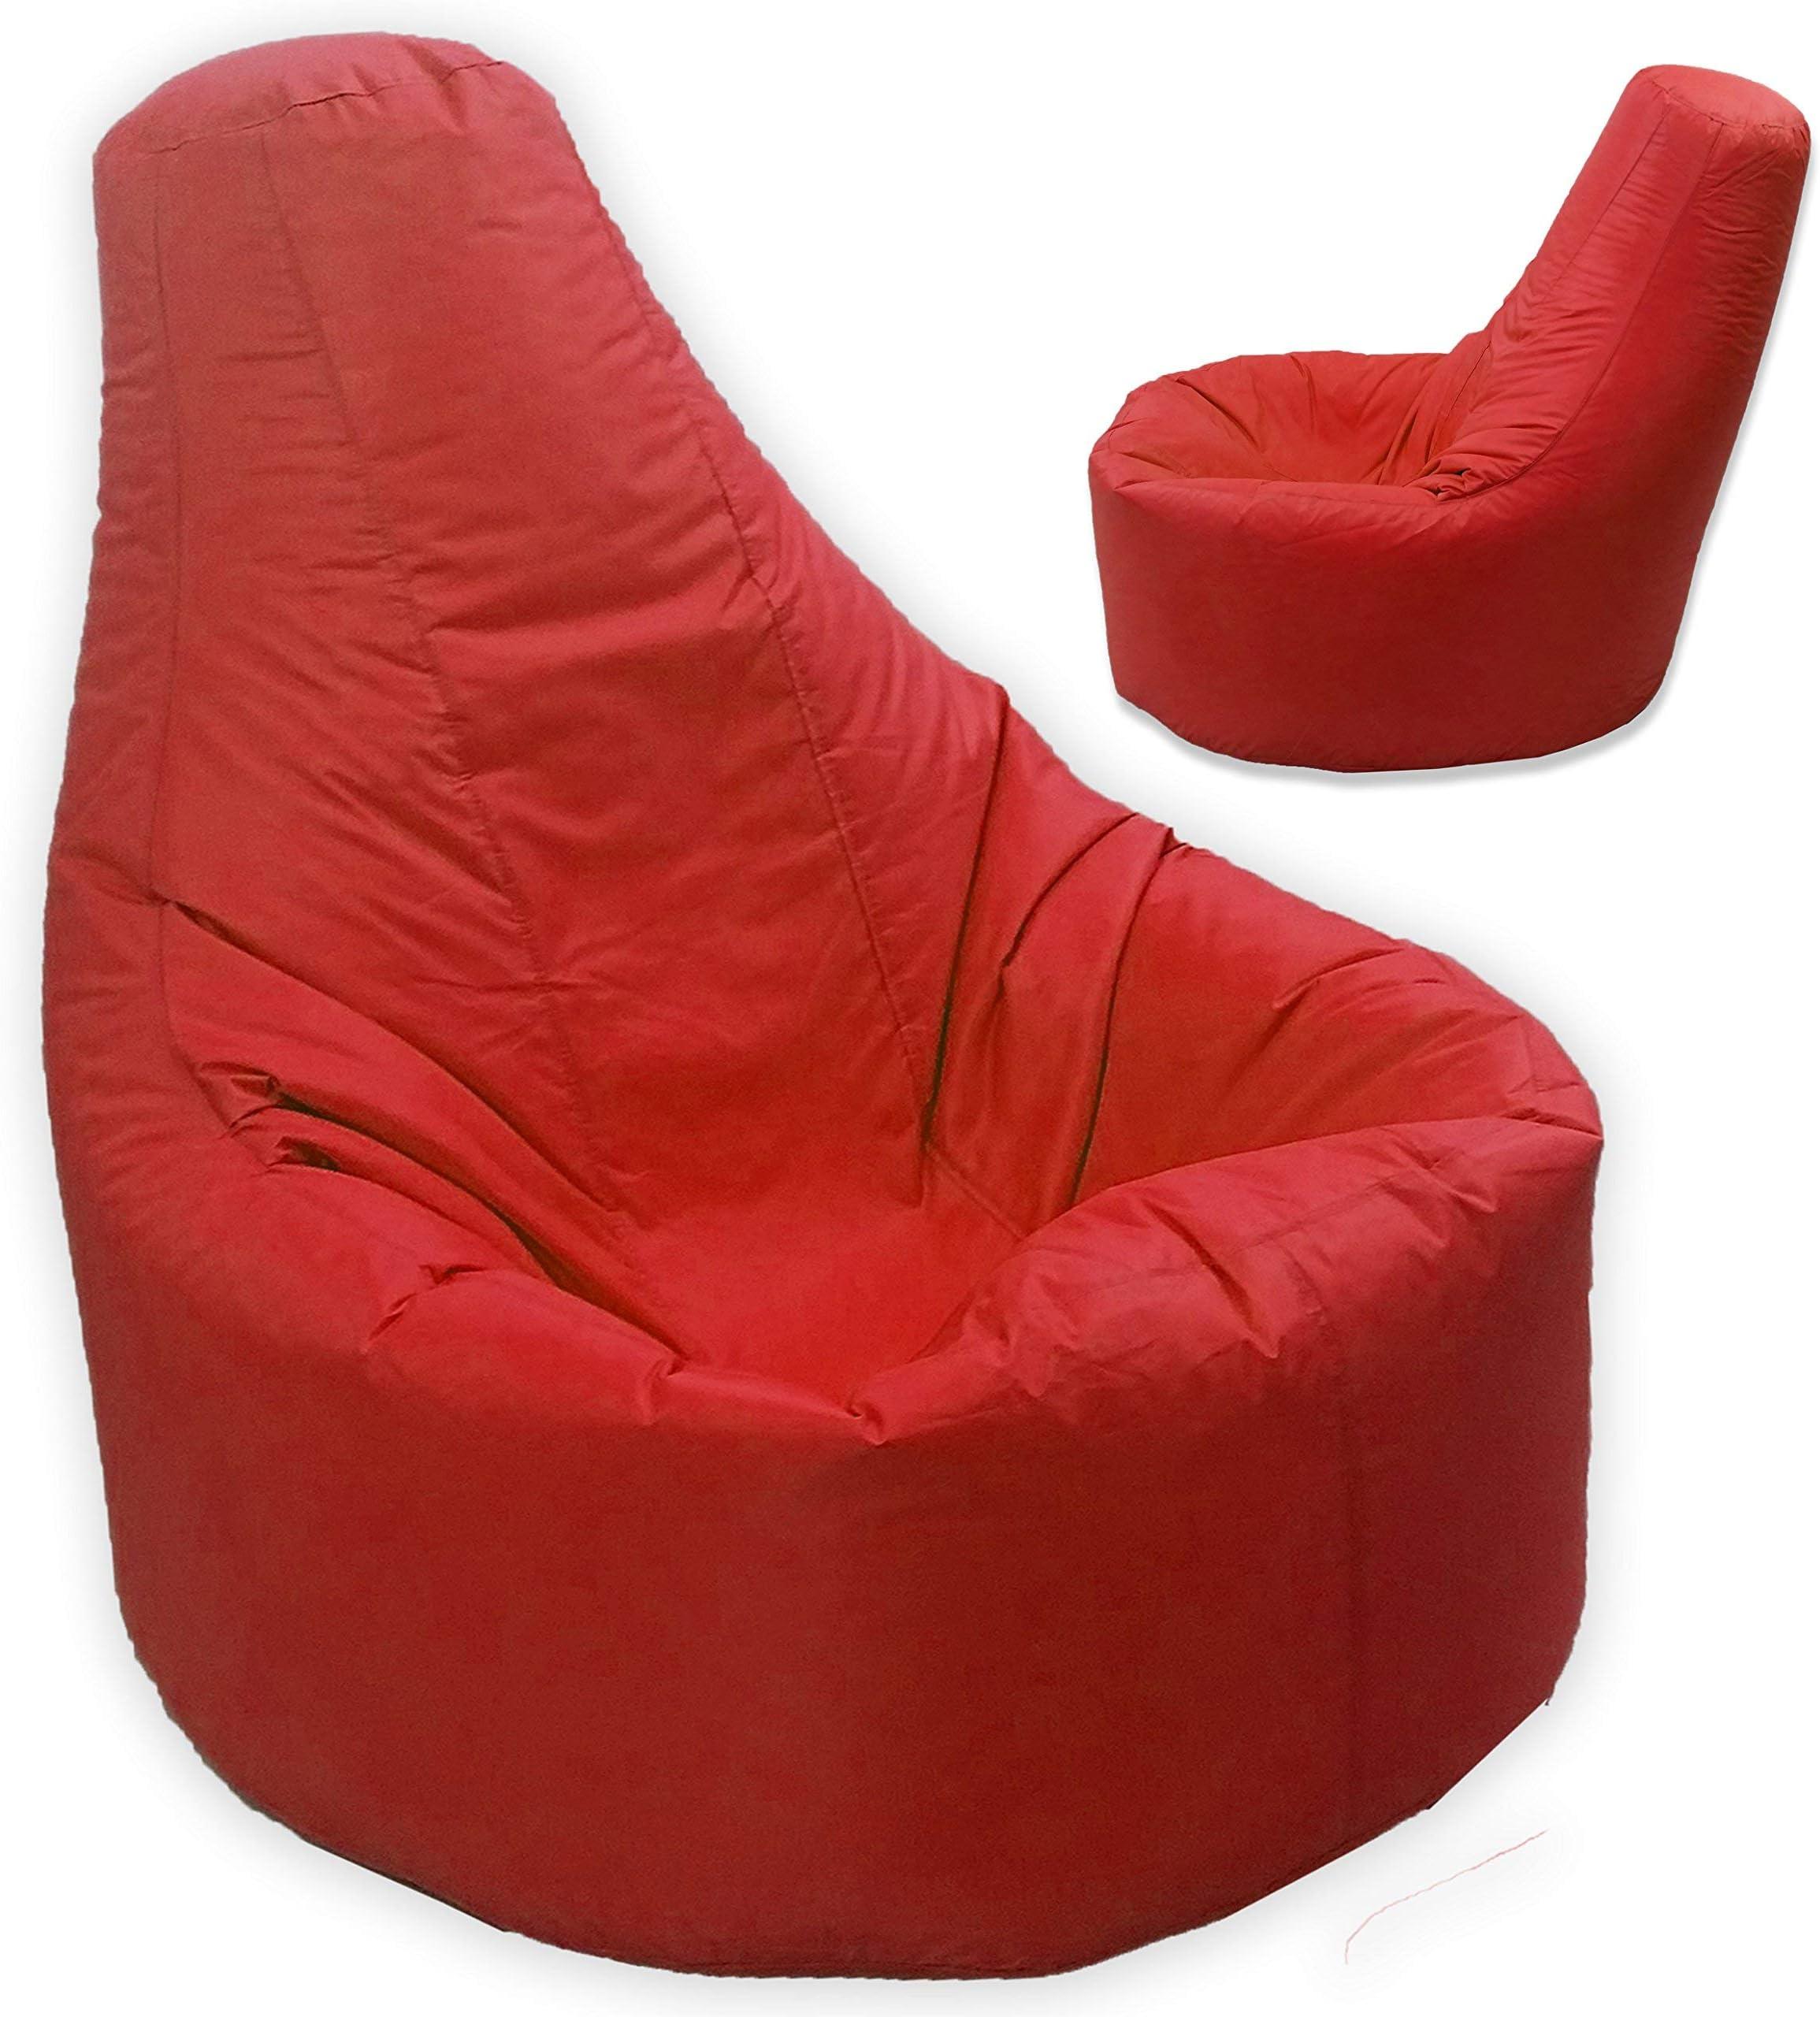 hom furniture bean bags ekenasfiber johnhenriksson se u2022 rh ekenasfiber johnhenriksson se